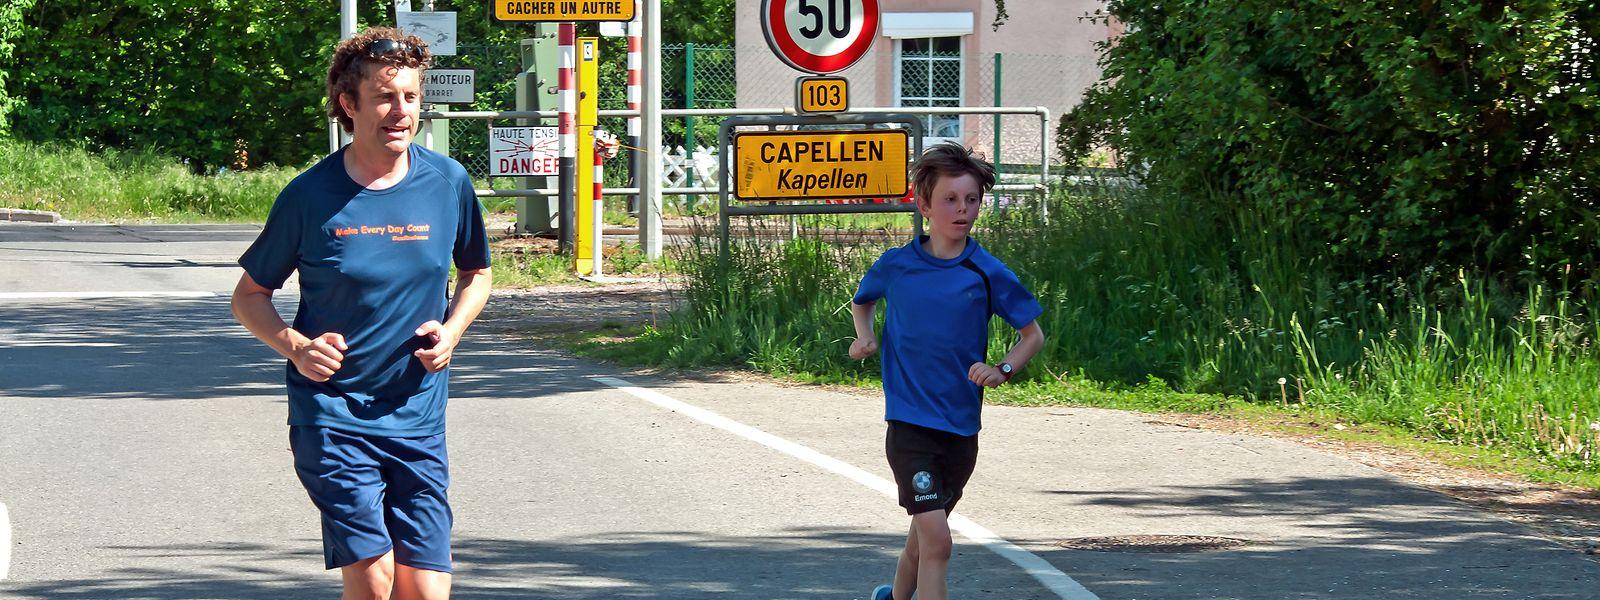 Am Ortsausgang von Capellen ging es durch den Wald Richtung Mamer an Holzem vorbei.